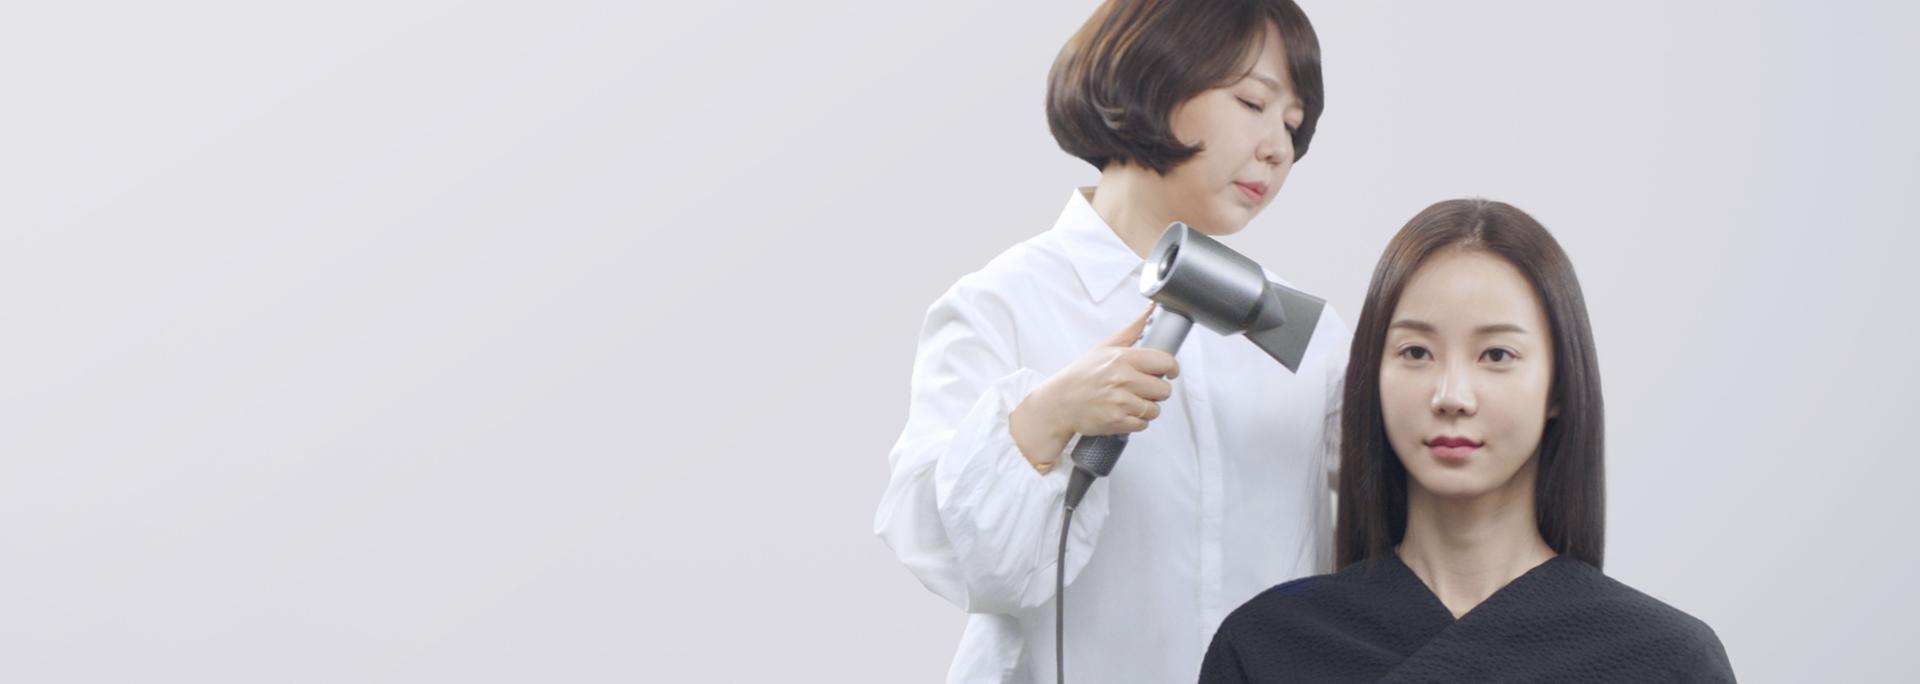 살롱 내 스타일리스트 동영상